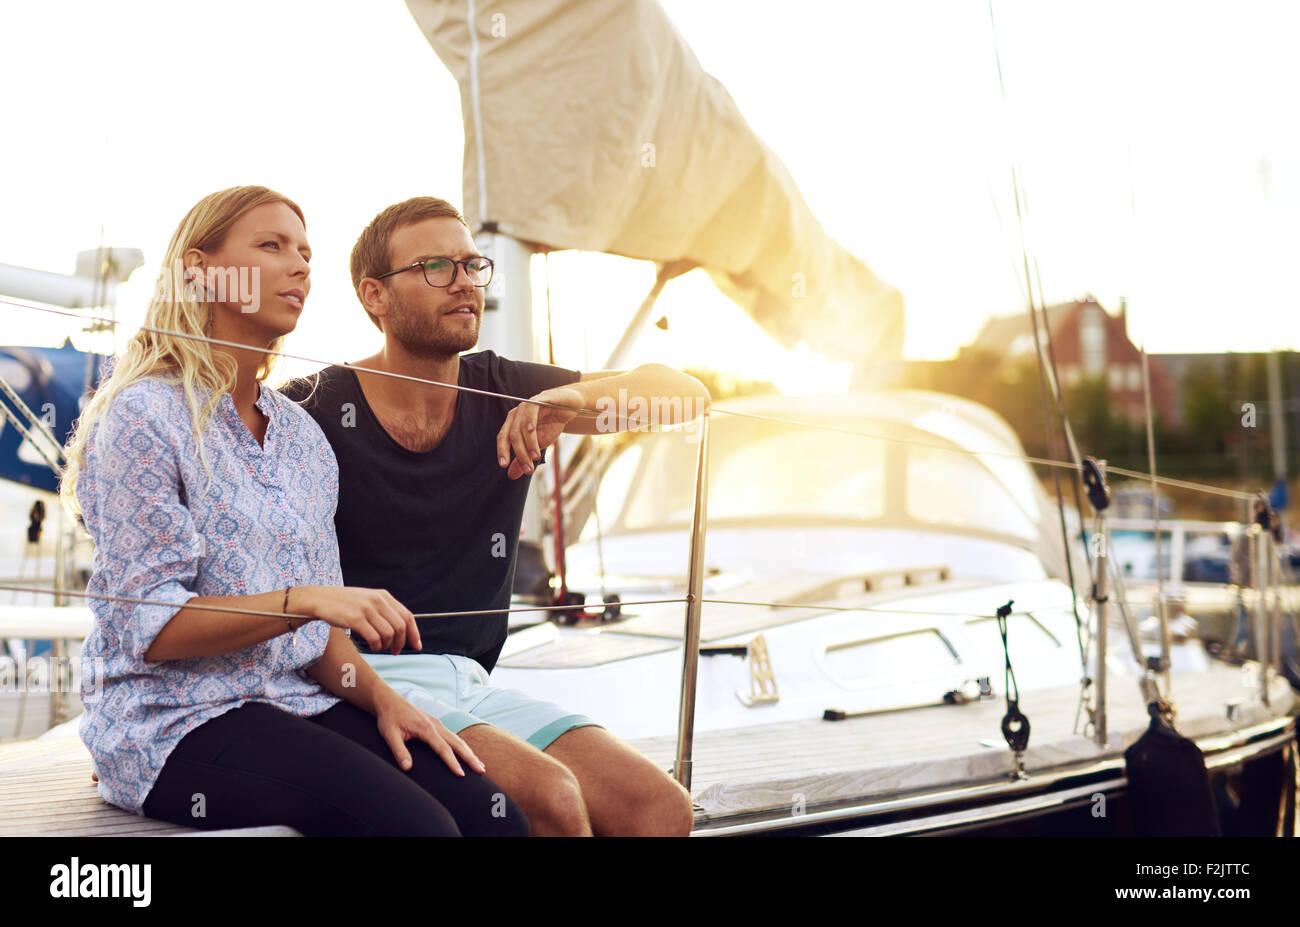 Dolce giovani innamorati seduti di fronte a uno yacht e guardando in lontananza durante il tramonto. Immagini Stock